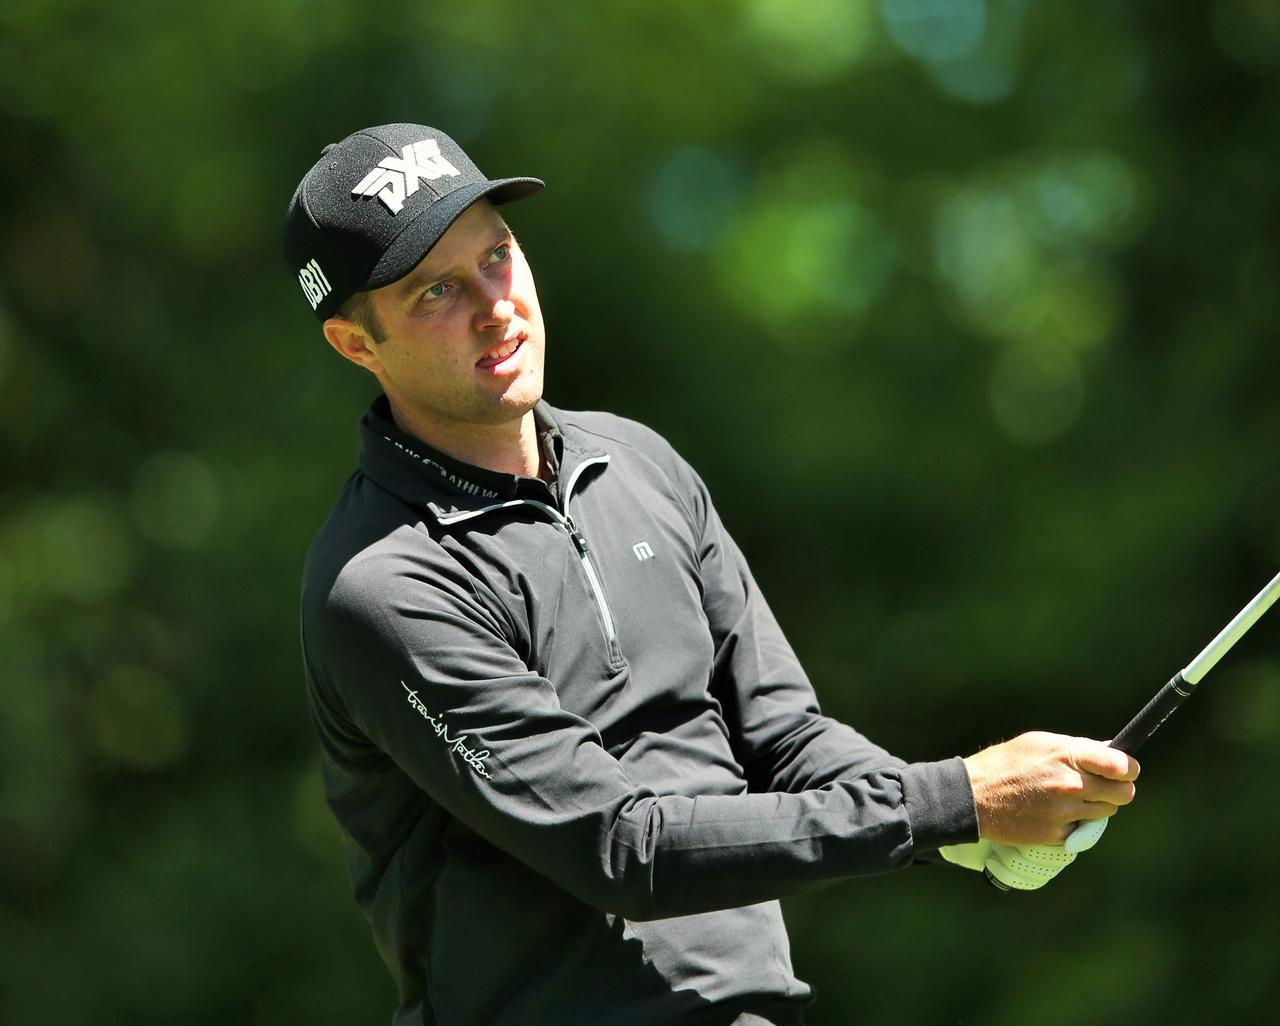 画像: PGAツアー4勝。世界ランク68位。先日「世界ゴルフ殿堂」受賞が決まったデービス・ラブⅢの影響を受け、派手なガッツポーズをしない寡黙な青年として知られる。